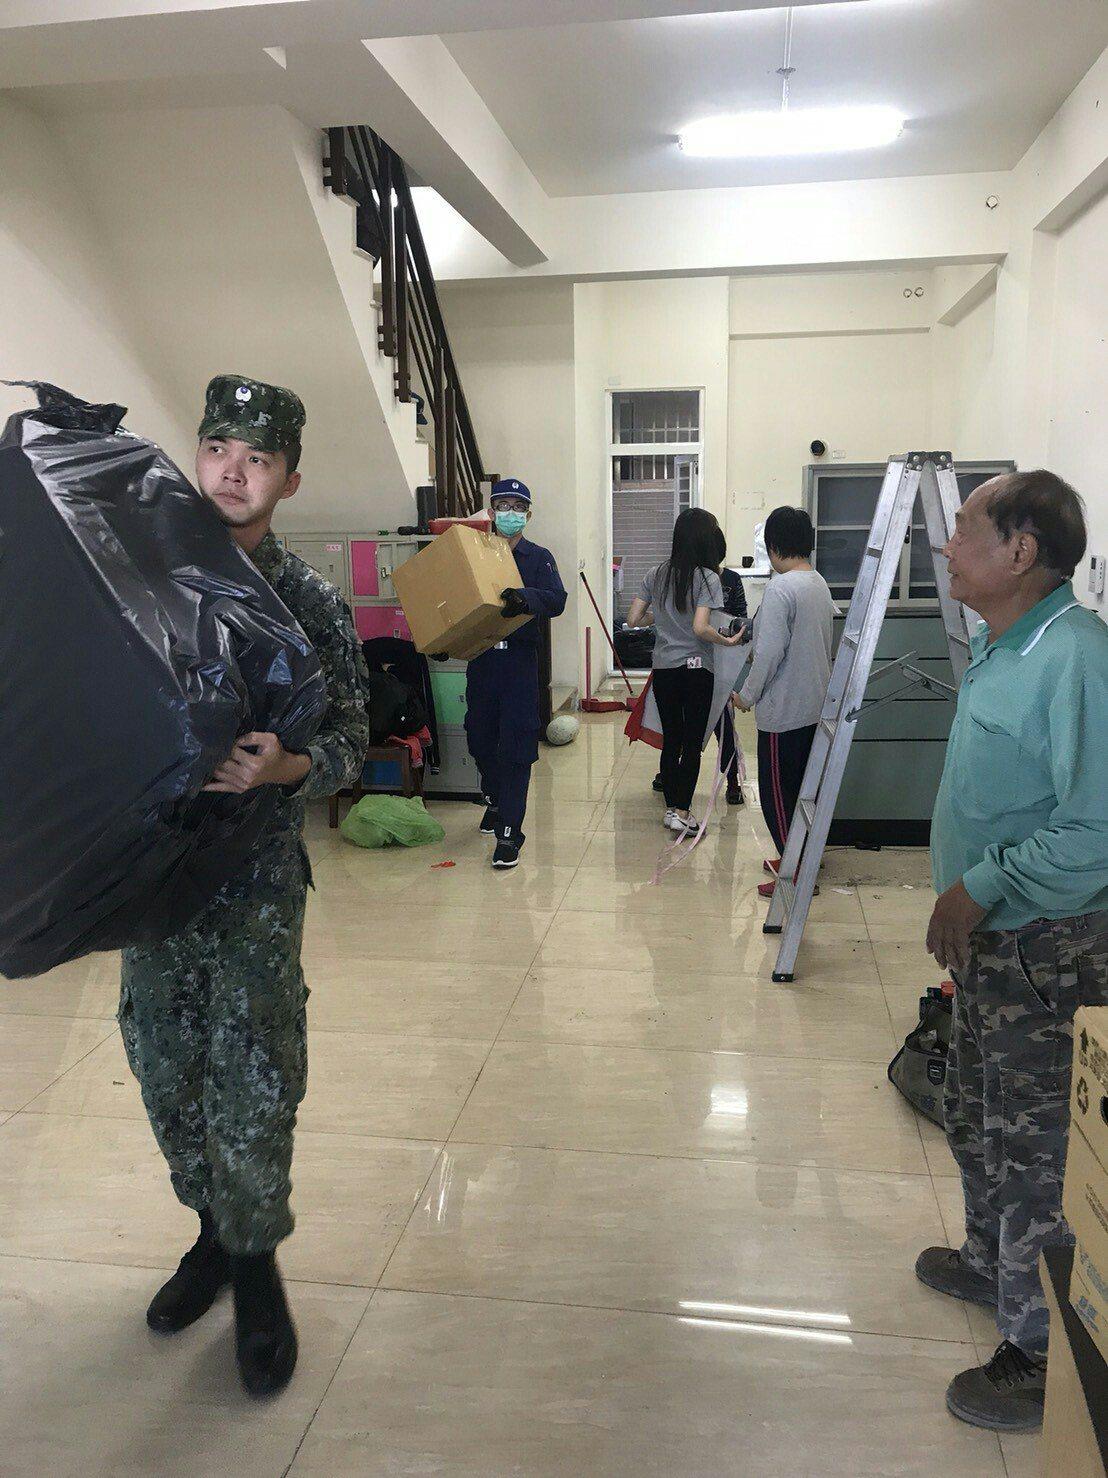 空軍第六聯隊協助鄰近的啟智協進會搬家。記者林良齊/翻攝